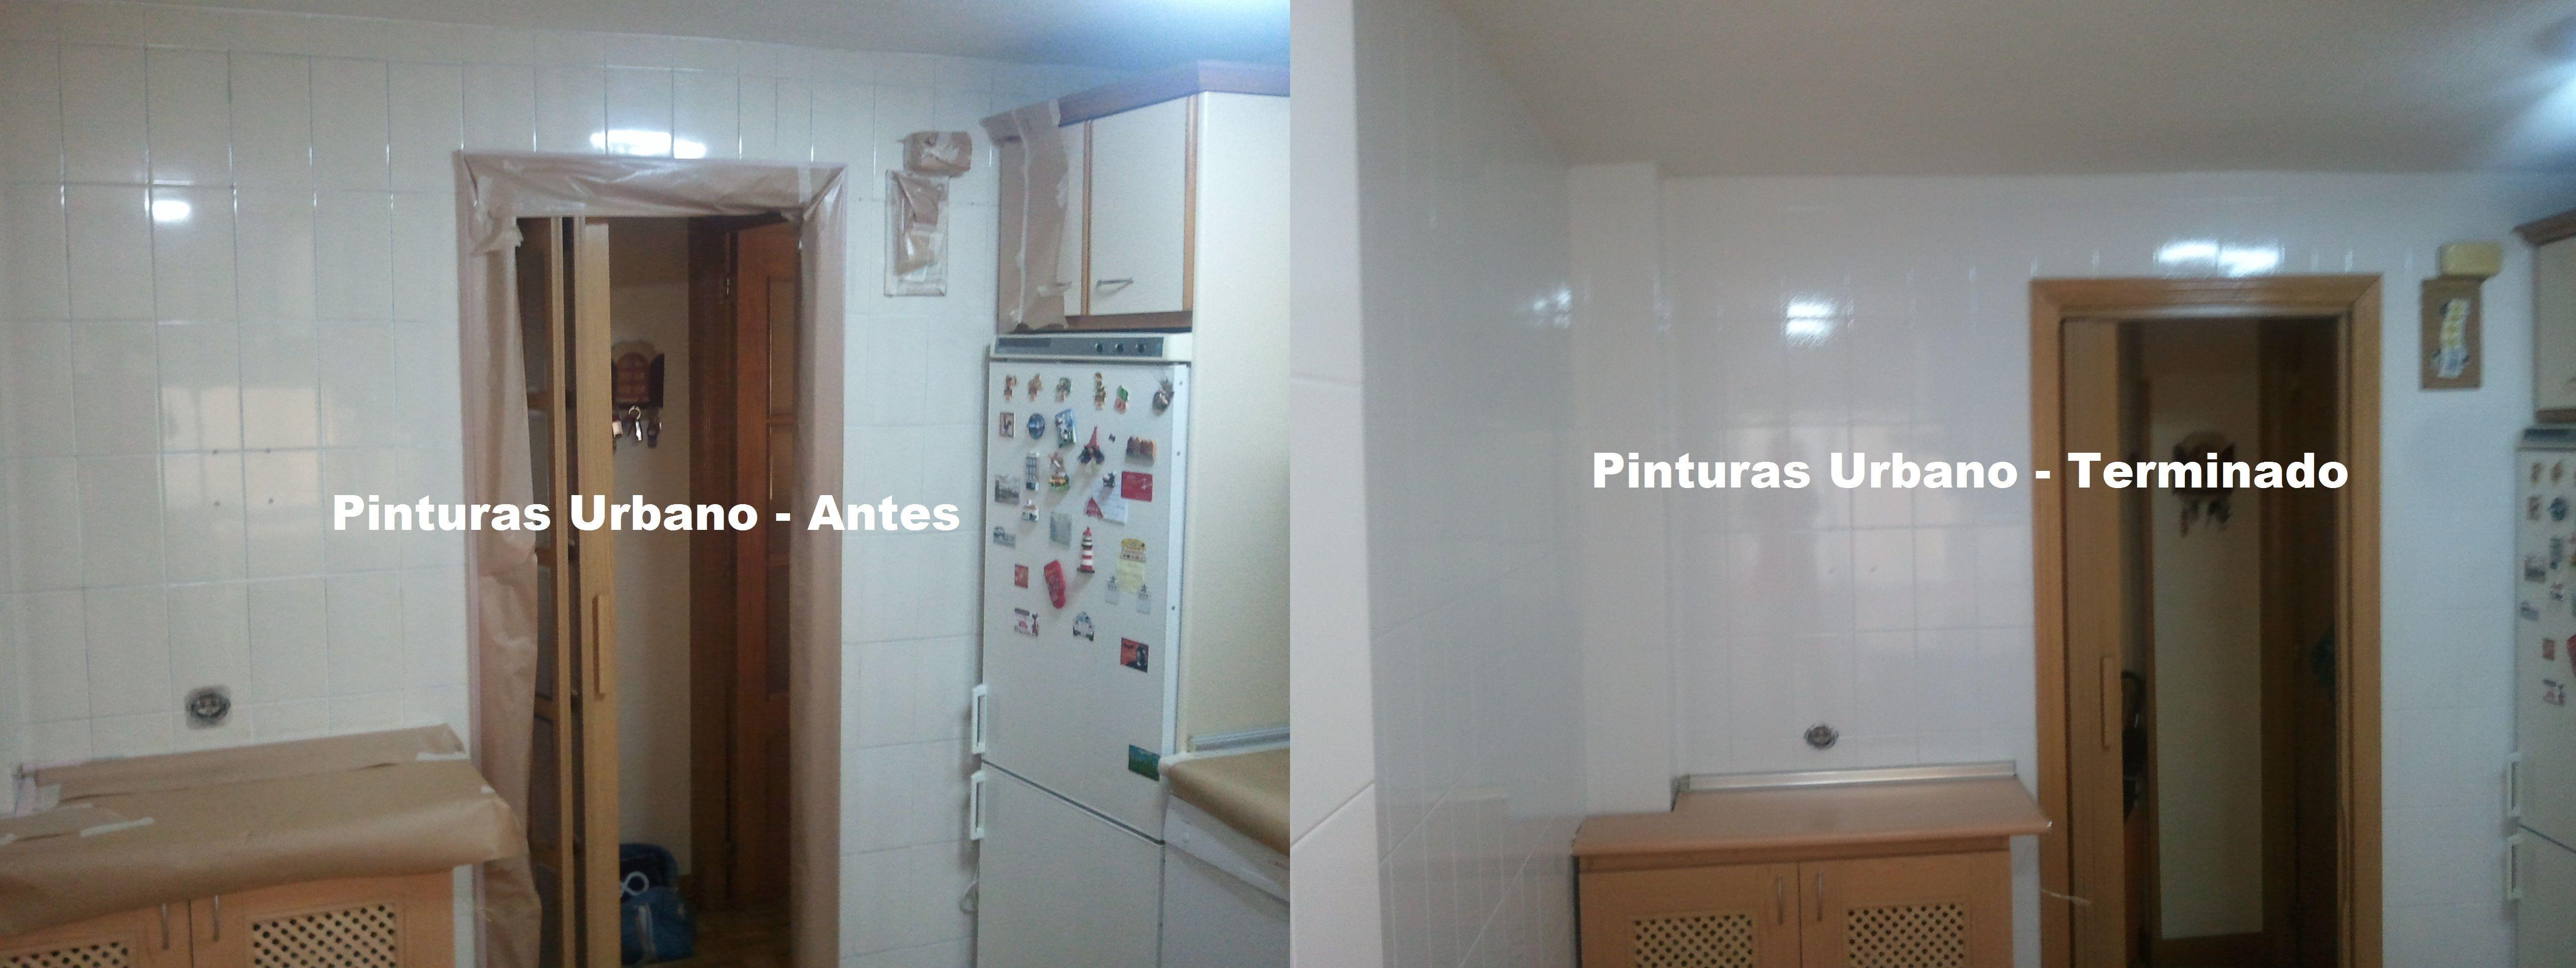 Pintar azulejos de cocina latest pintar los azulejos de for Pintar la cocina